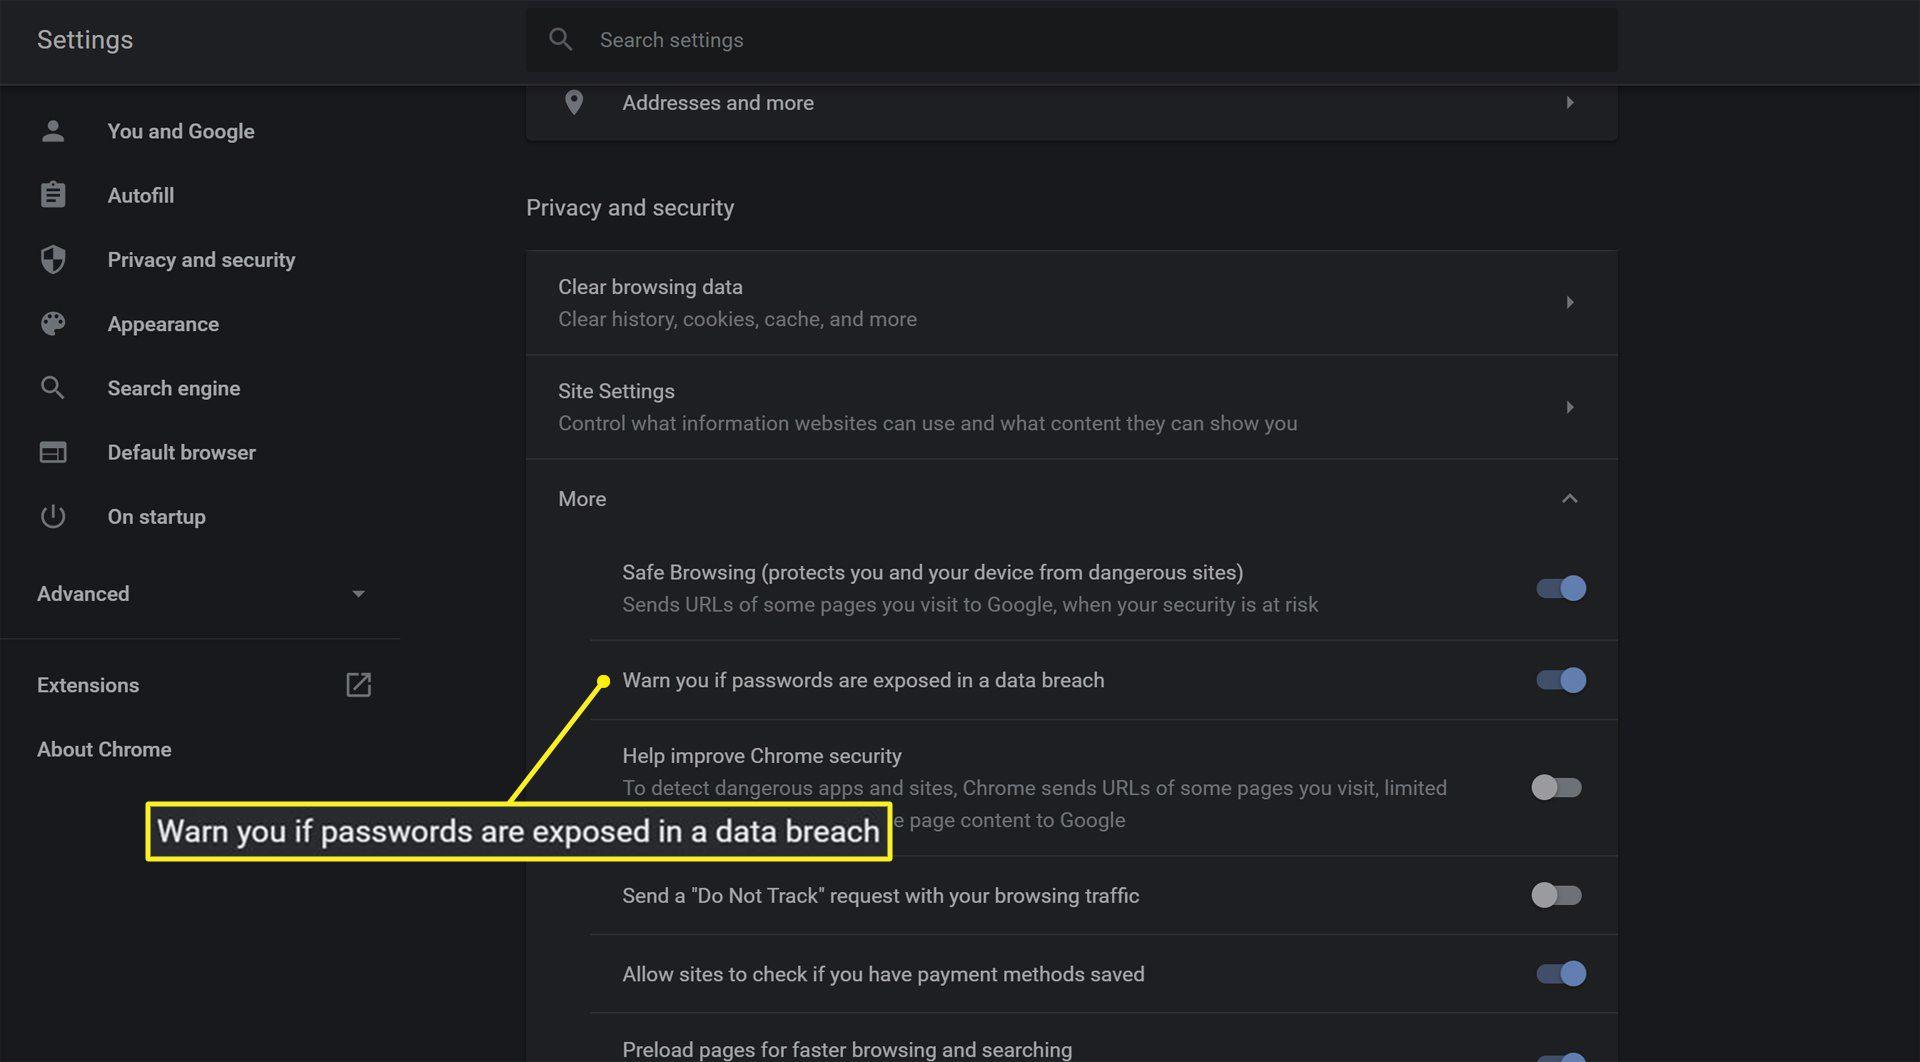 Google Password Checker settings in Google Chrome